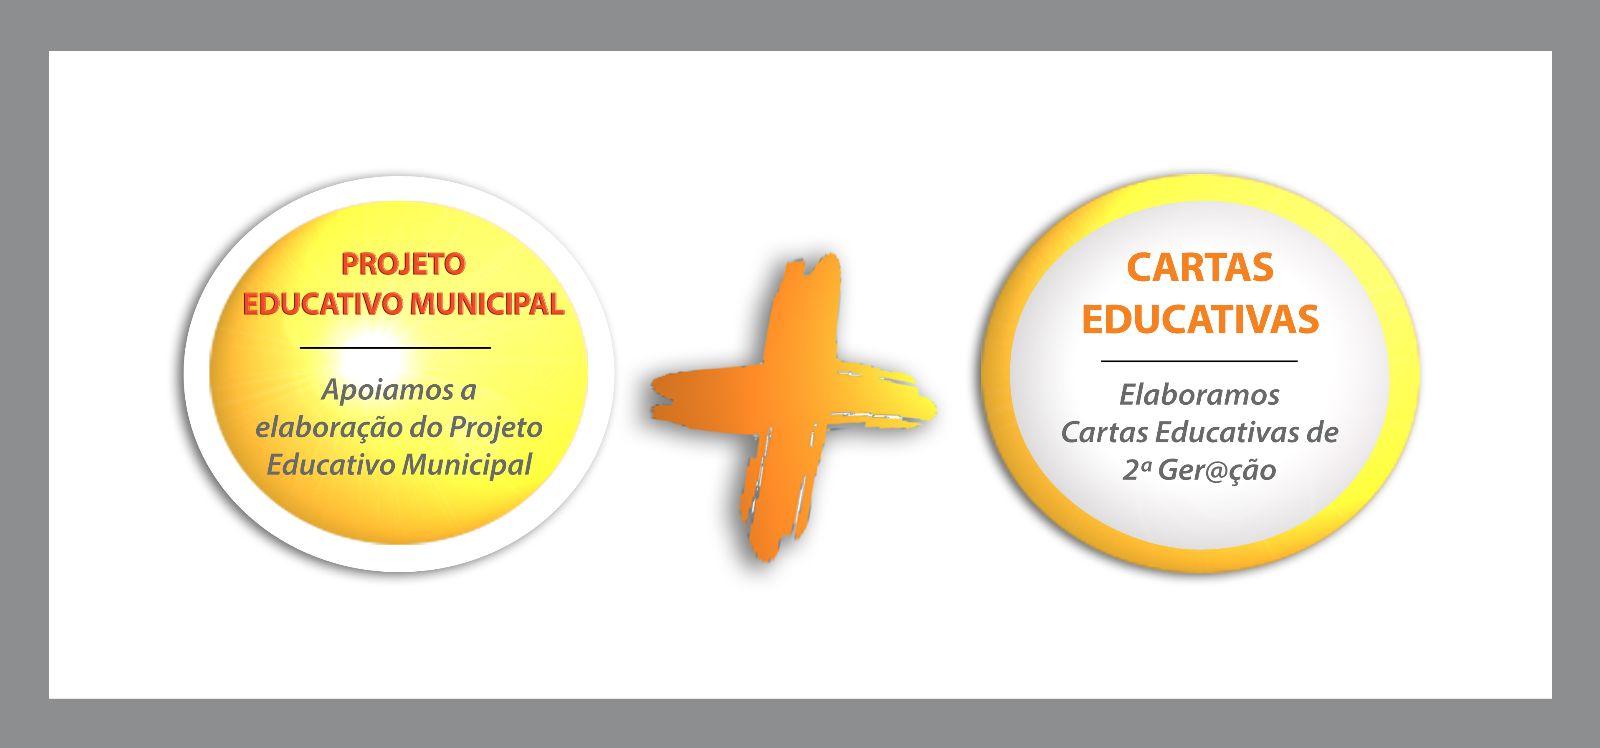 Serviço integrado de apoio à elaboração da Carta Educativa de 2ª Ger@ção e Projeto Educativo Municipal